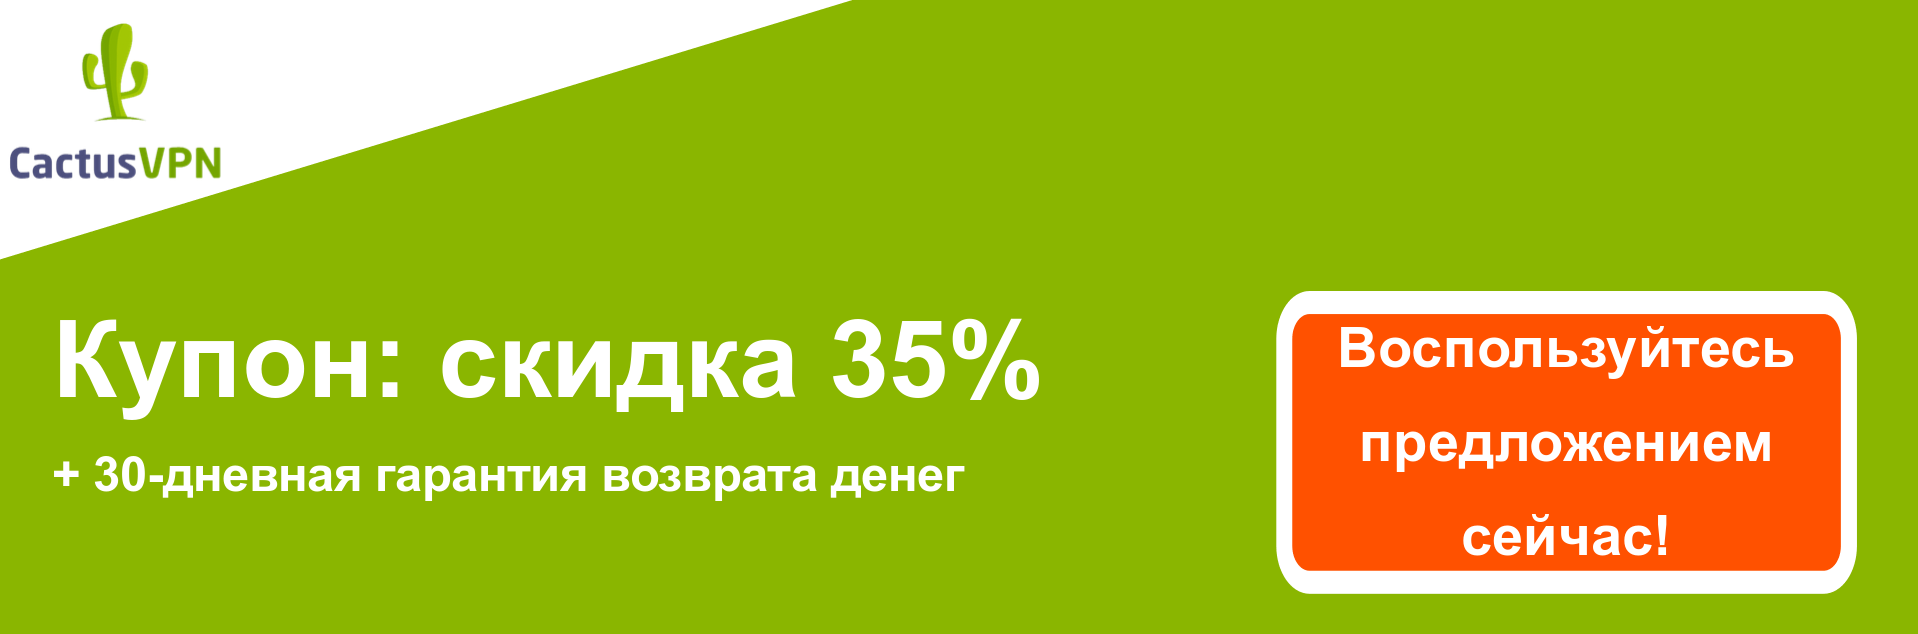 Купон-баннер CactusVPN - скидка 38%